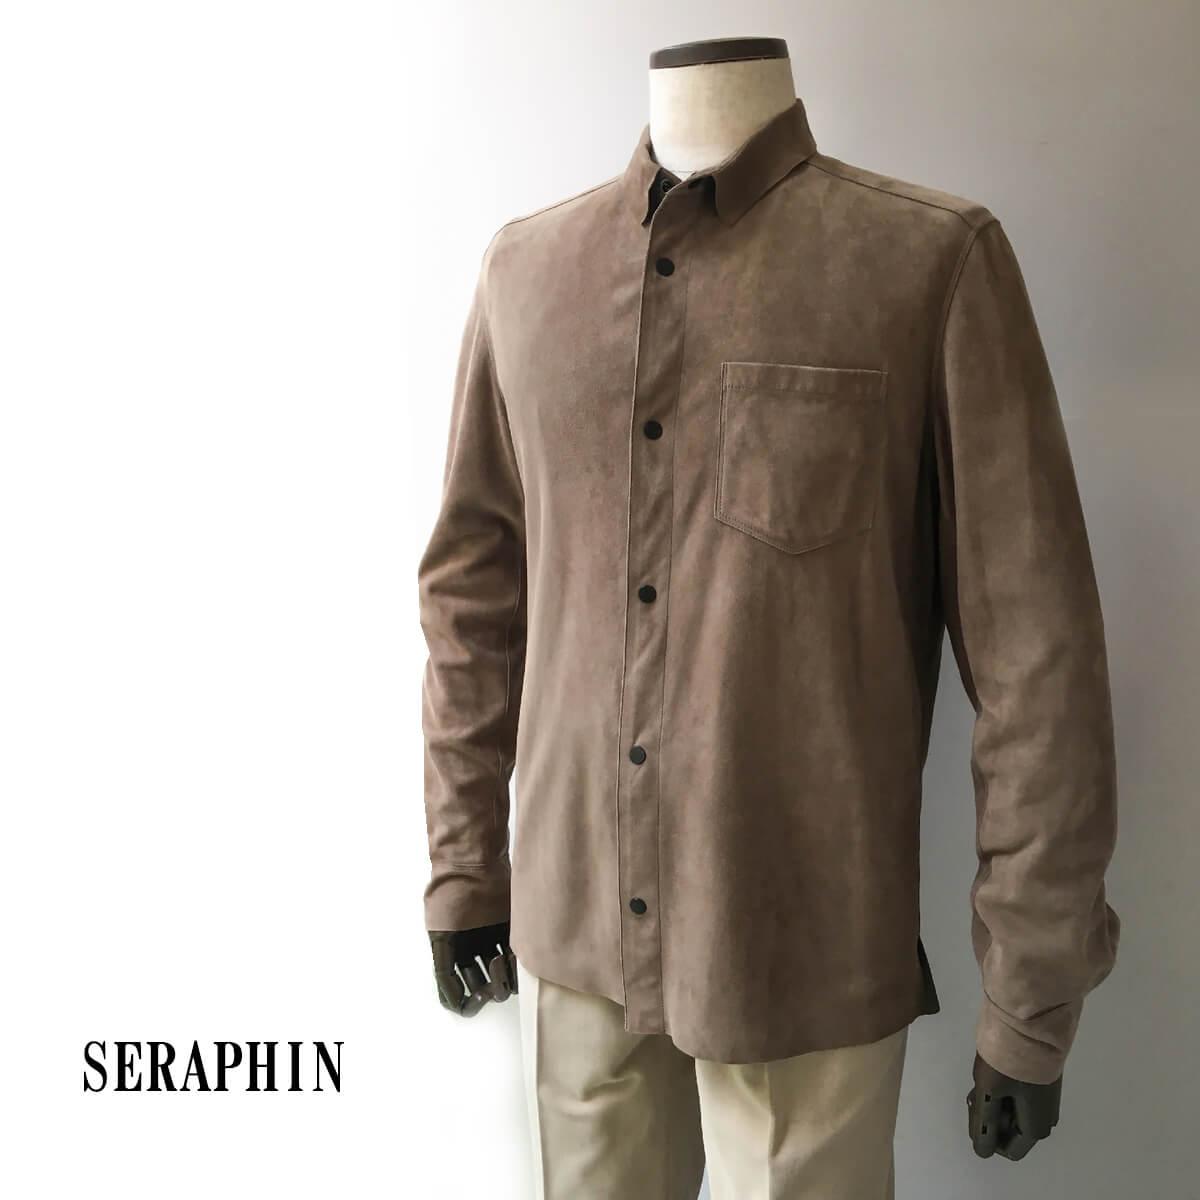 Seraphin (セラファン)レザーシャツ ゴートスキン メンズ カジュアル スウェード 本革